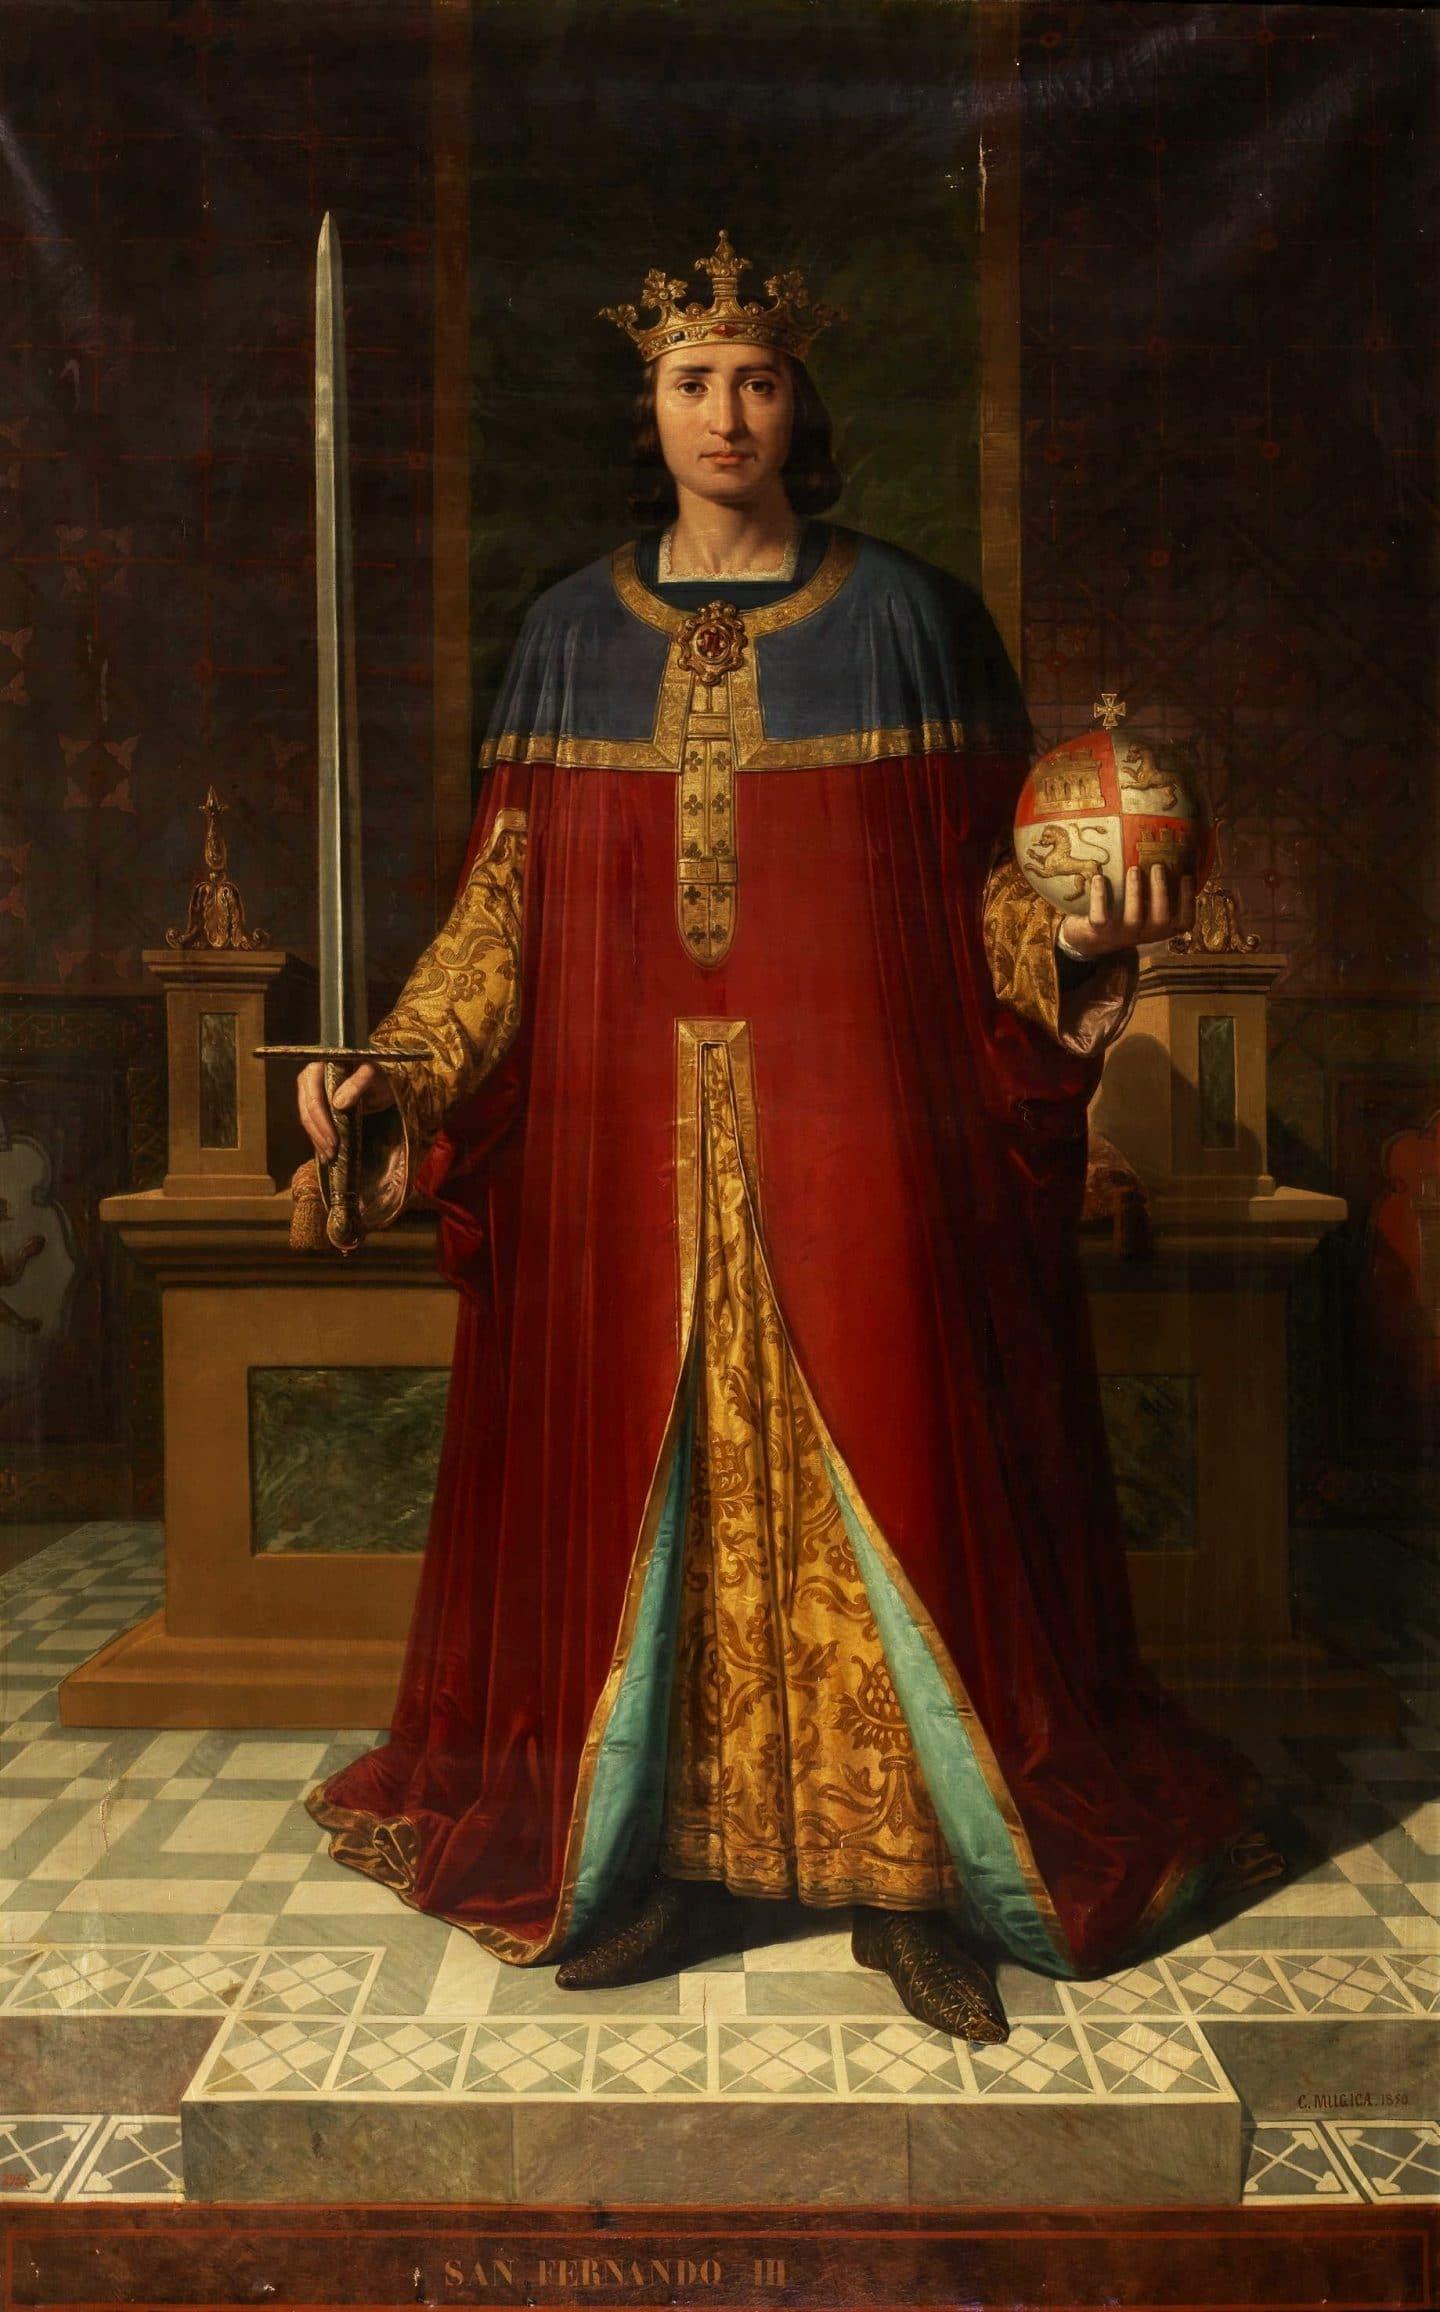 Fernando_III_el_Santo,_rey_de_Castilla_y_León_(Museo_del_Prado)